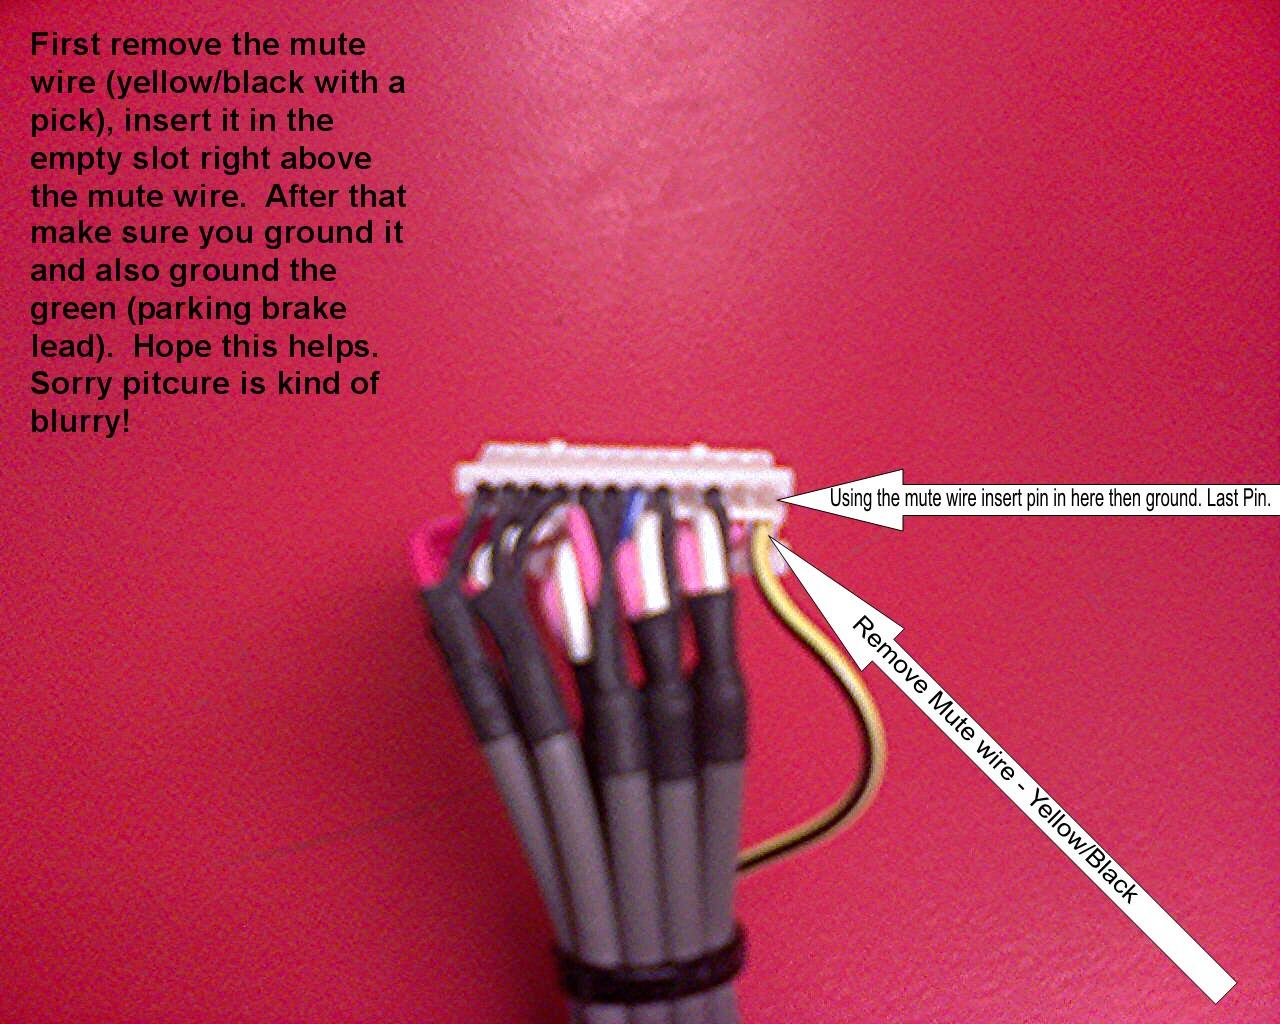 Wiring Pioneer Avh Mute Wire Data Wiring Diagrams \u2022 Pioneer Satellite  Radio Connector Pinout Pioneer Wiring Harness Mute Wire